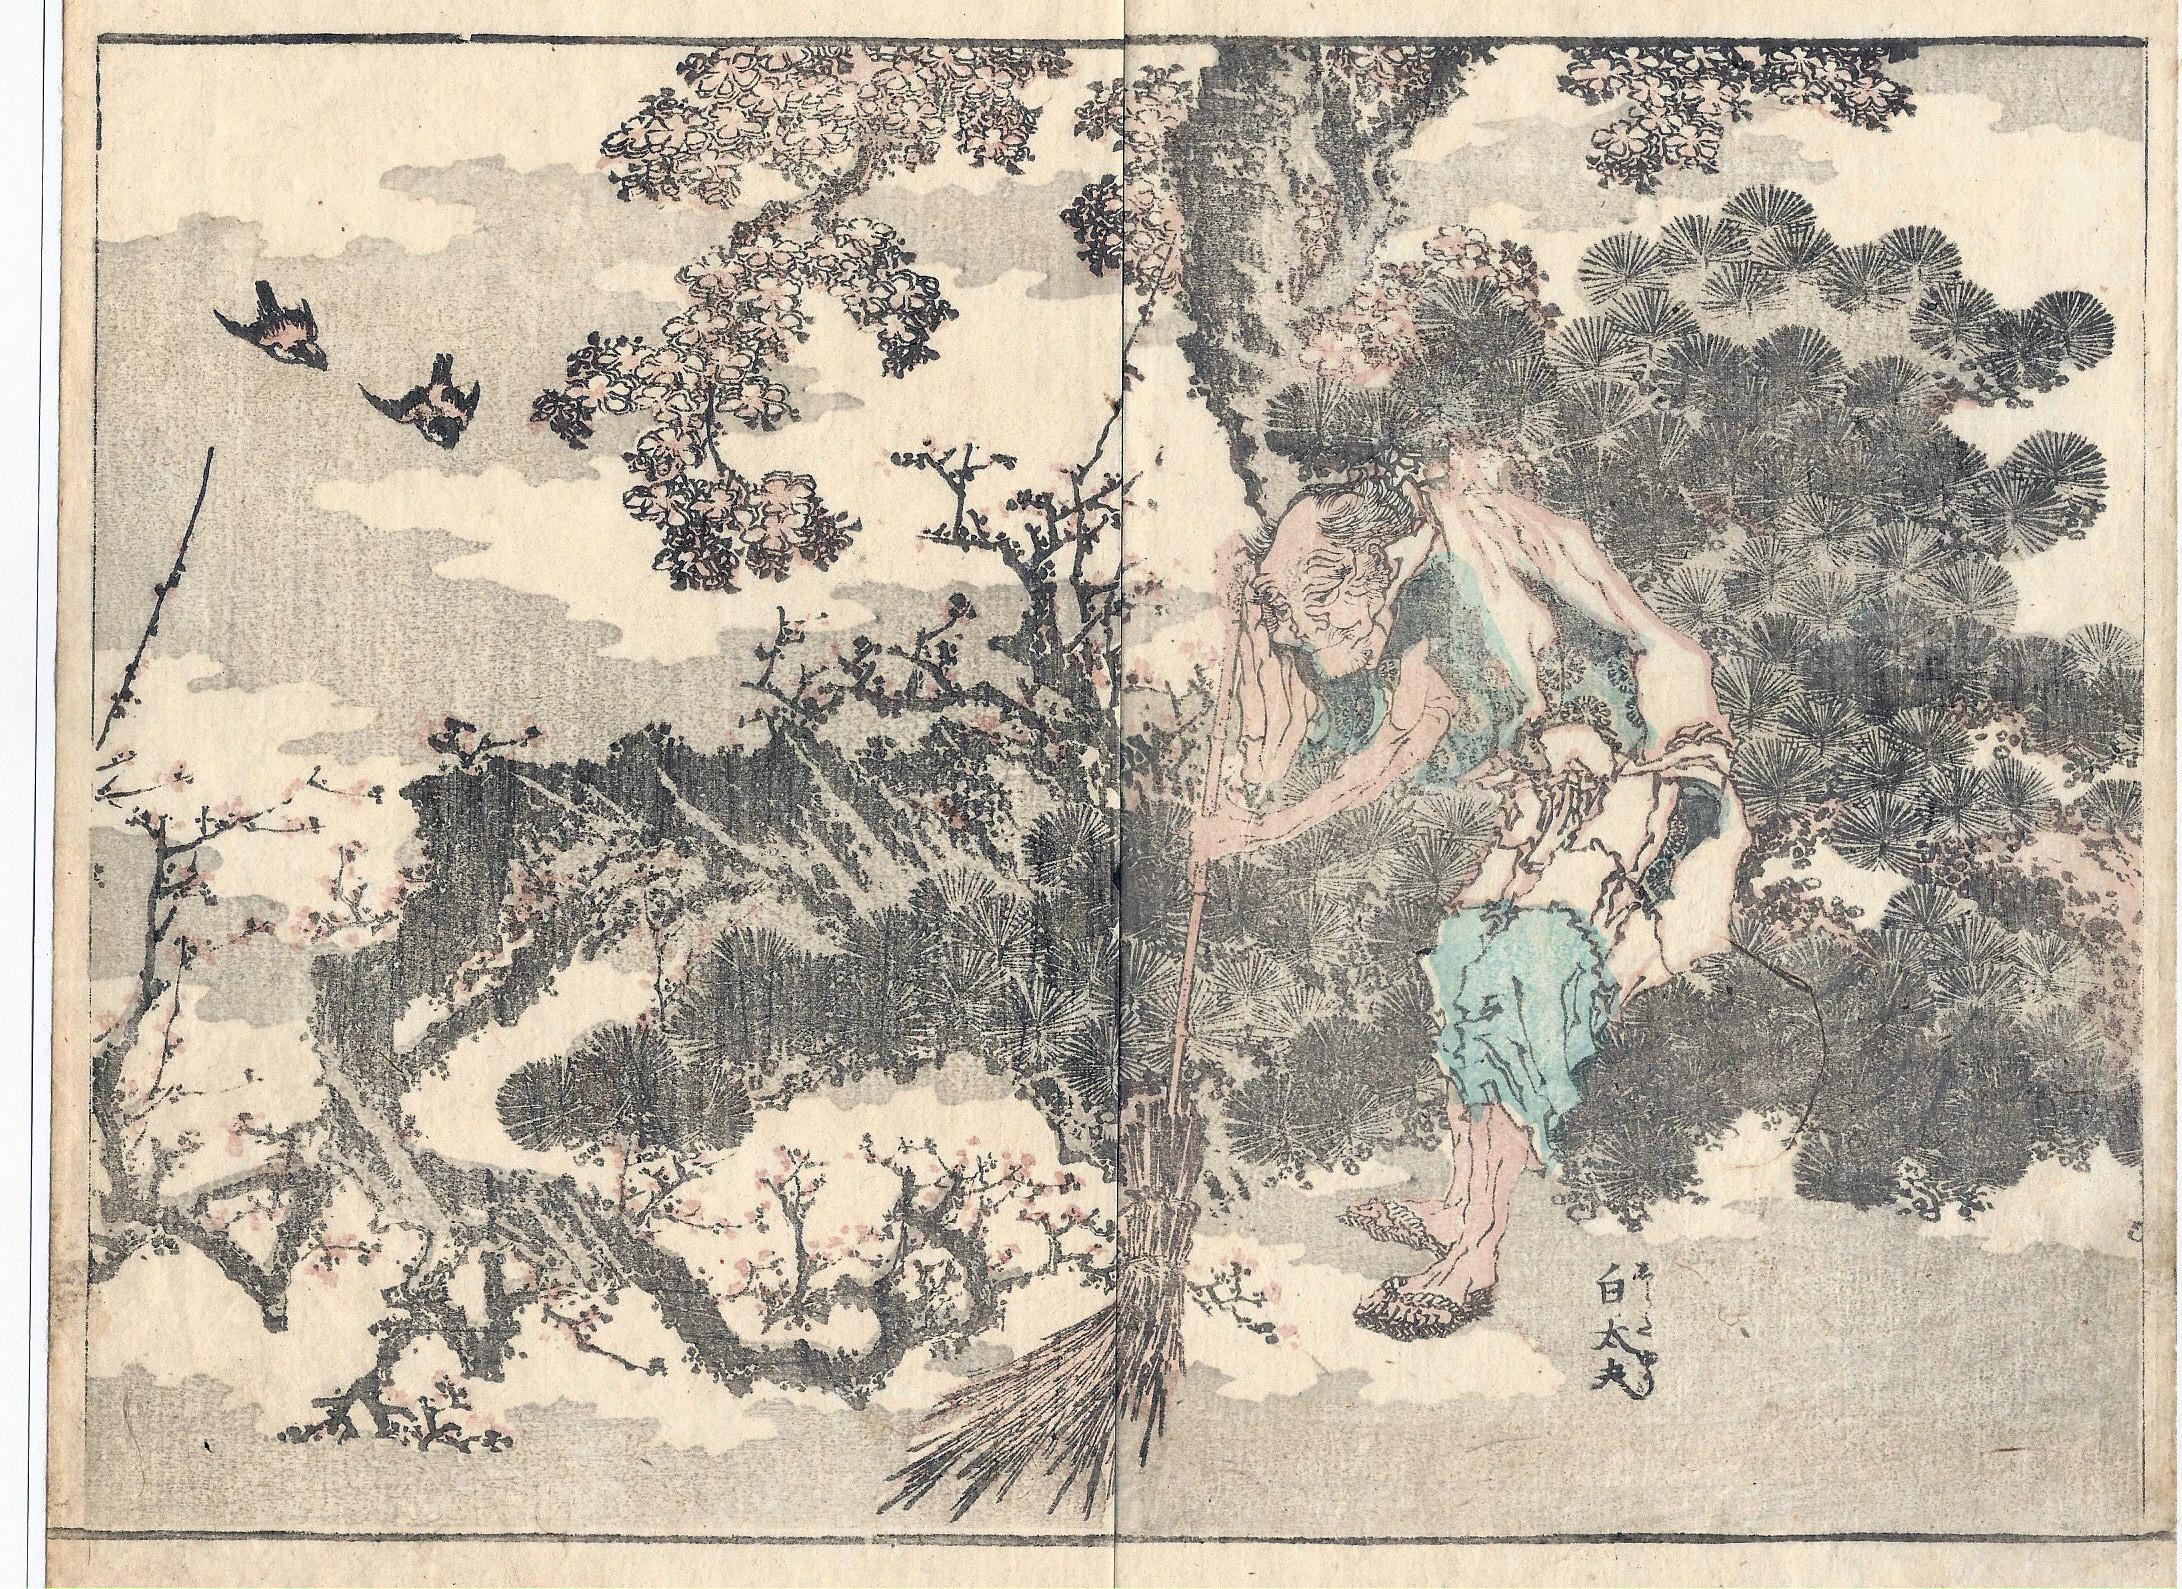 Katsushika HOKUSAI (Giappone, 1760 – 1849) – IL VECCHIETTO